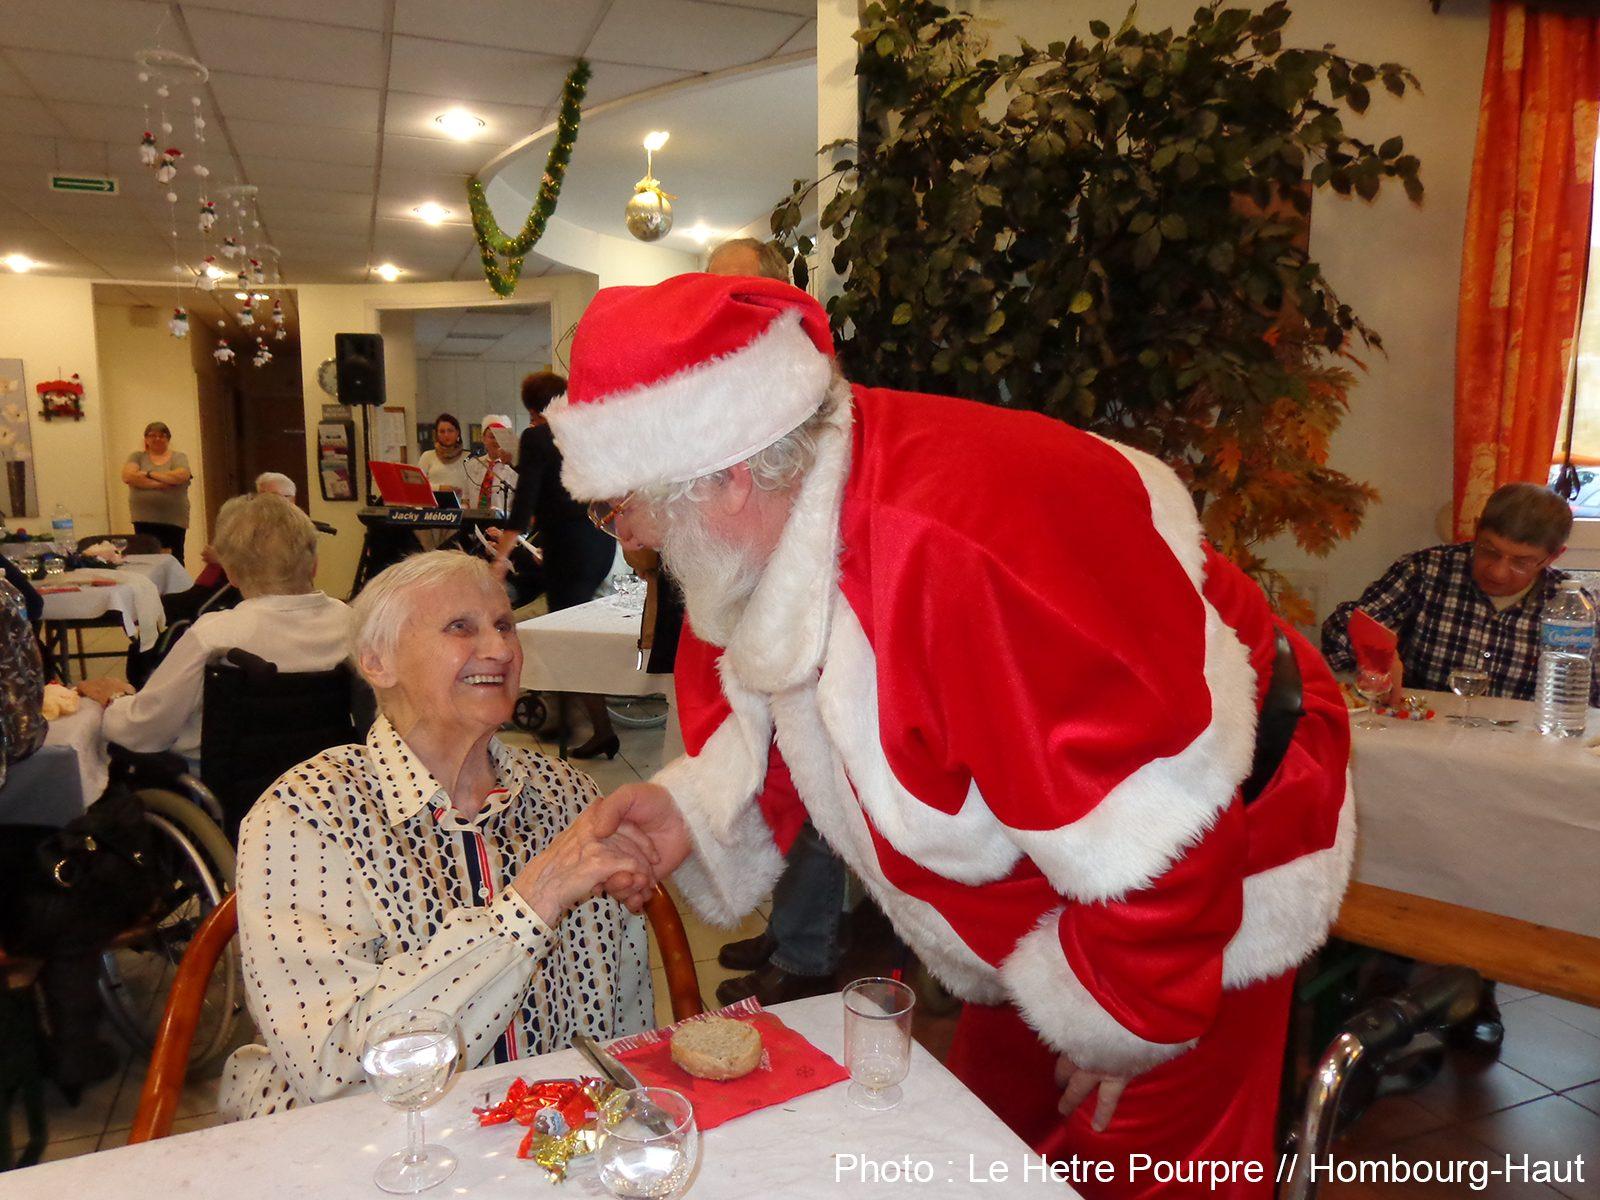 Noël en maison de retraite : festivités et bonne humeur règnent à Hombourg-Haut